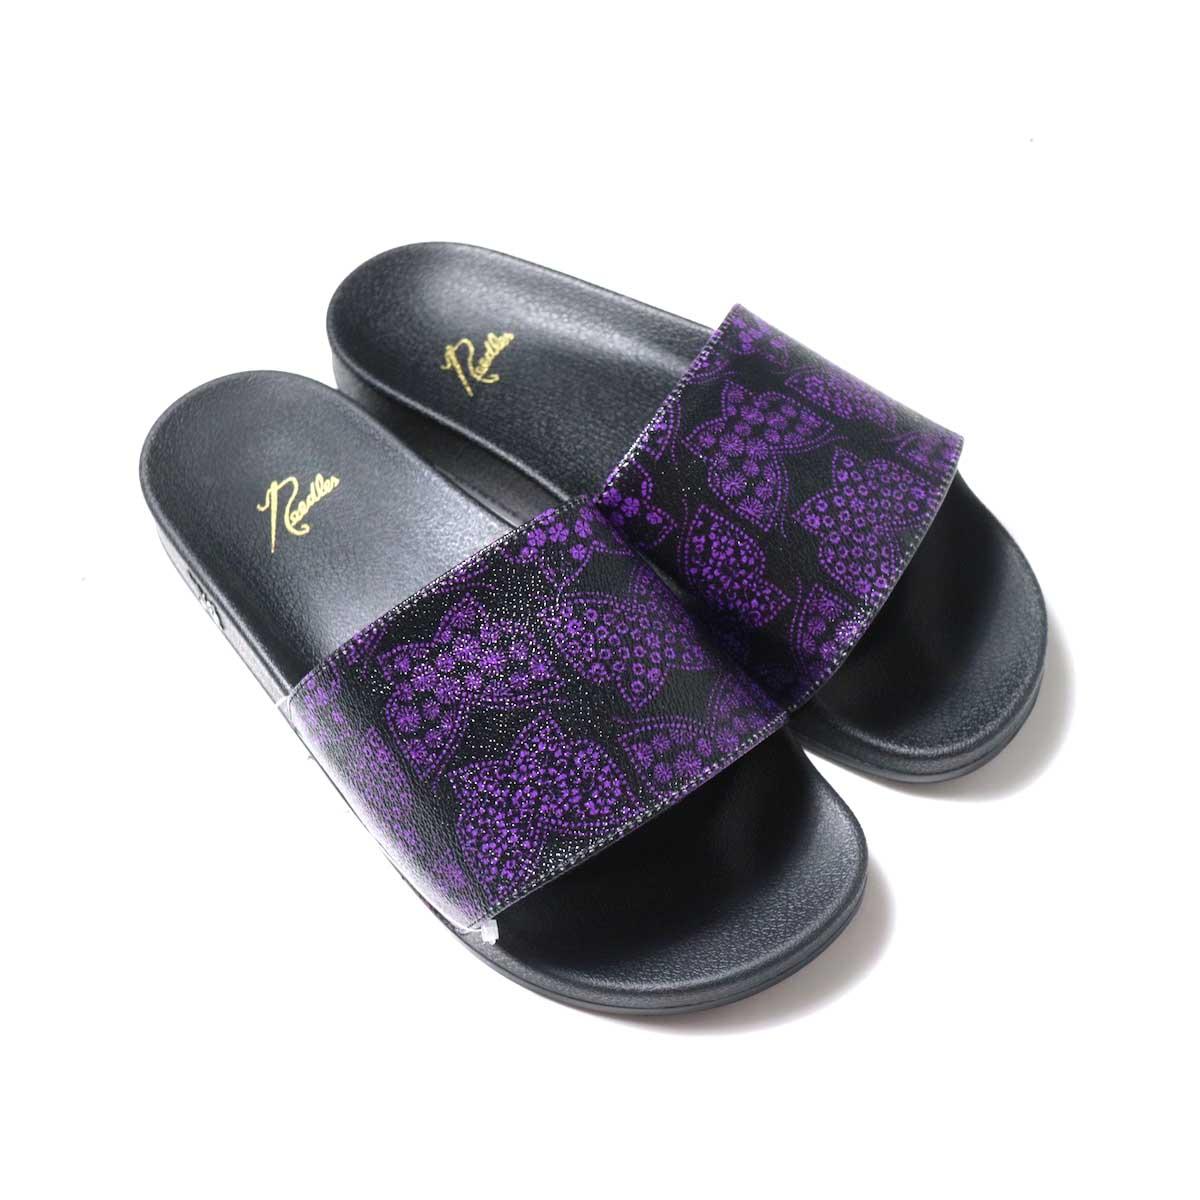 NEEDLES / Shower Sandals -Papillon PVC (Black)